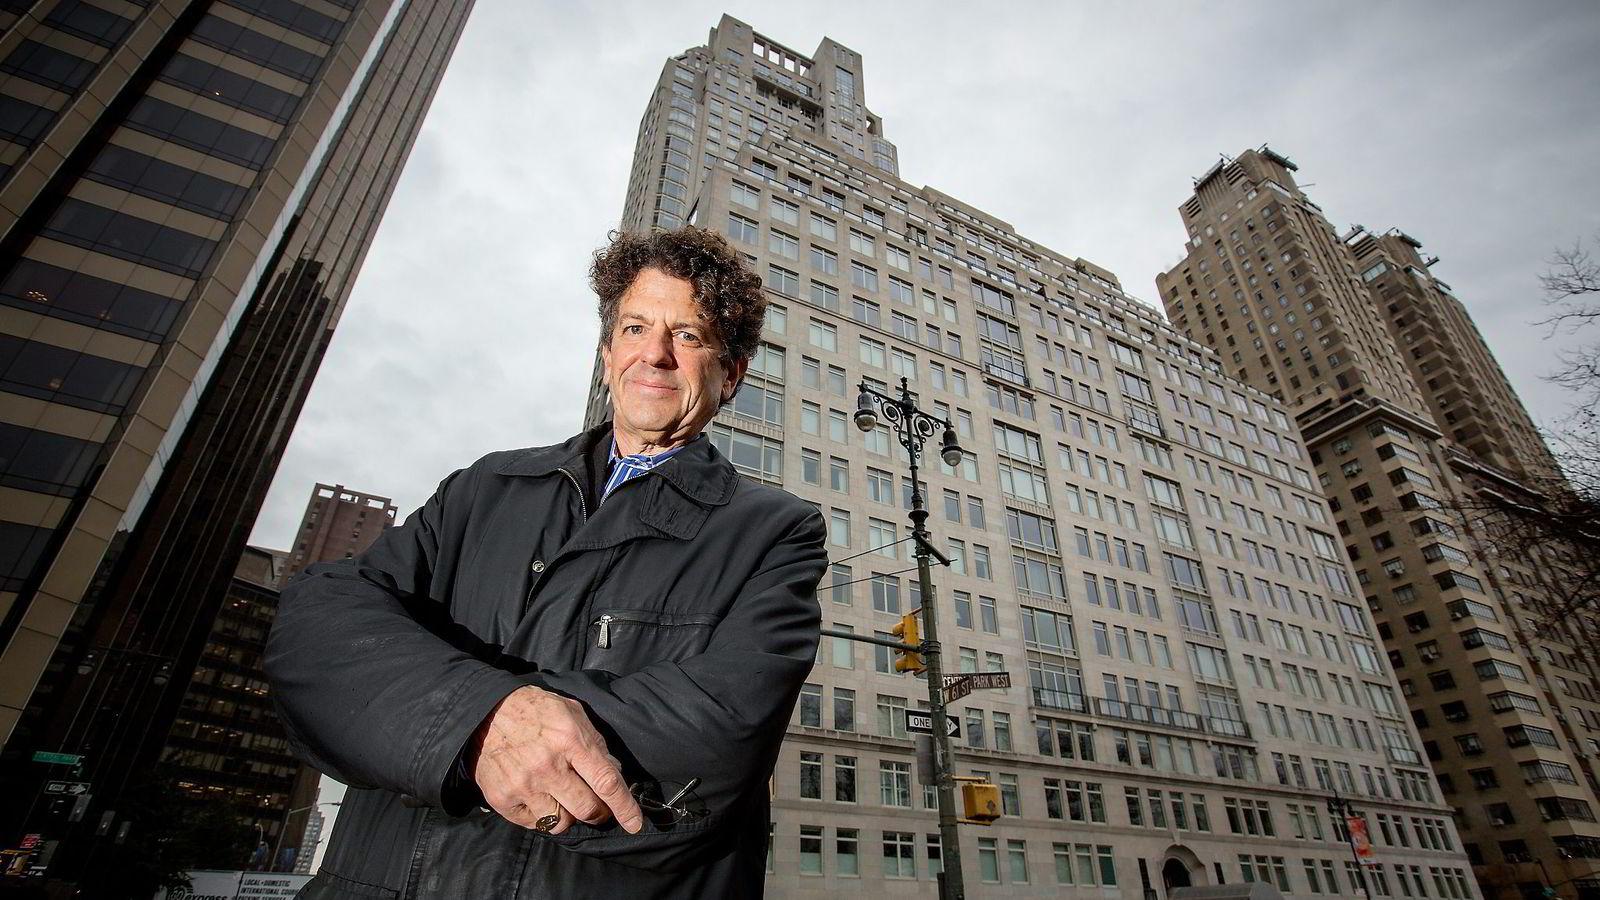 HALVT OLJEFOND. I bygningen bak Michael Gross bor hedgefond-eiere som forvalter anslagsvis 2600 milliarder kroner – et halvt norsk oljefond. Bildet innfelt er fra boligannonsen til leiligheten i 16. etasje som artisten Sting kjøpte for 26,5 millioner dollar.